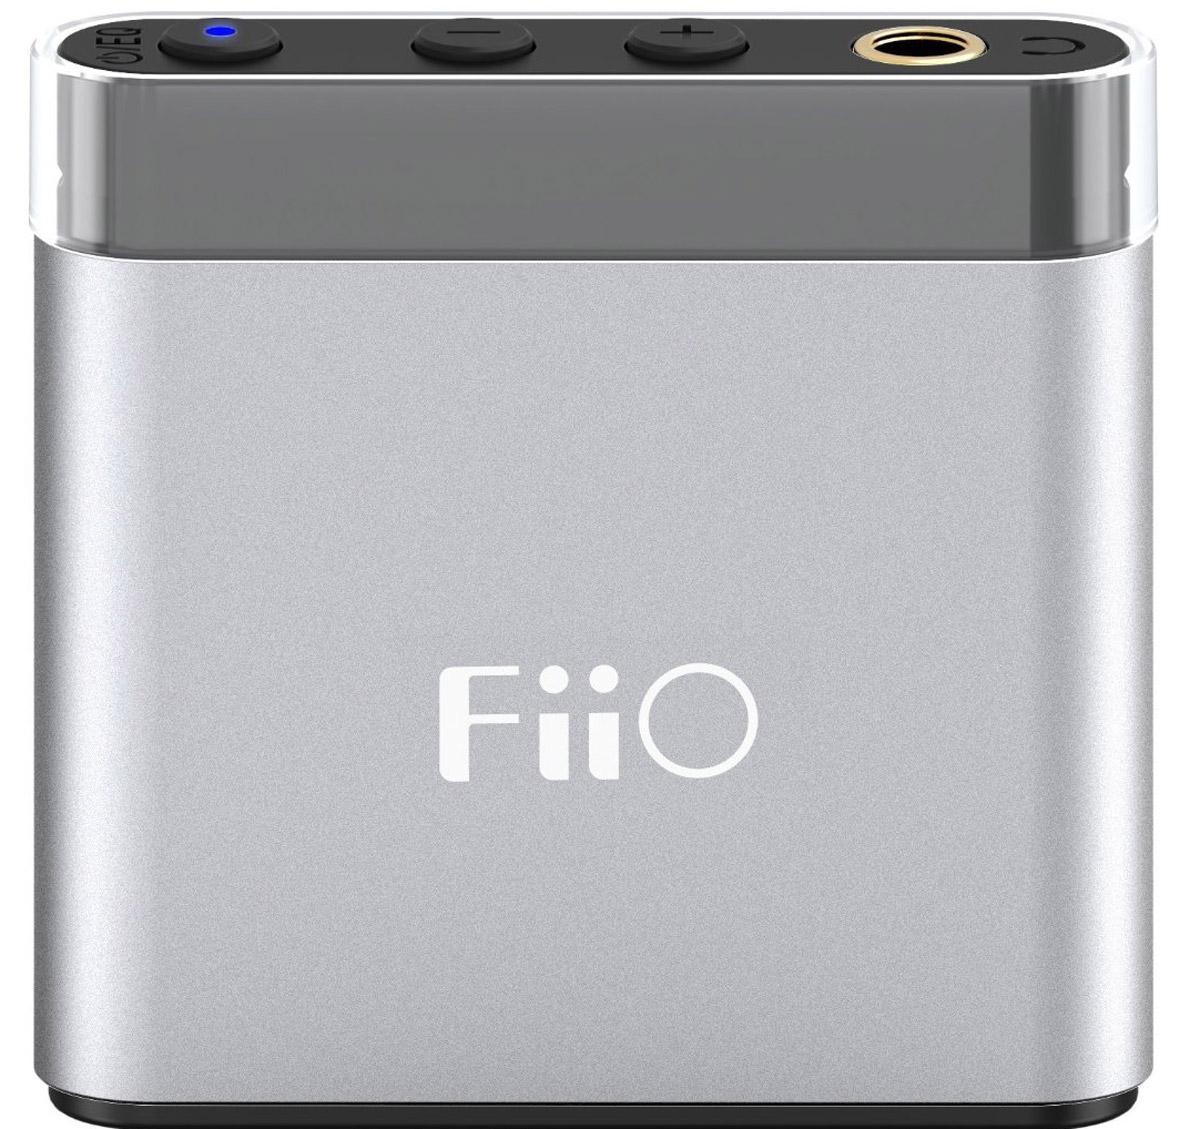 Fiio A1 усилитель для наушников6953175710035Fiio A1 - портативный усилитель для наушников, который обеспечивает усиление аудиосигнала с выхода смартфона или плеера, удовлетворяя ваши потребности в звуке высокого качества и большого объёма. Устройство имеет прочный металлический корпус из алюминиевого сплава. Прозрачная съёмная клипса на задней поверхности корпуса позволяет закрепить A1 на одежде или сумке.Диапазон сопротивления наушников: 16-100 ОмУсилитель: TPA6130A2Модуль эффектов: 74HC4052PW + OPA2322AIDМикроконтроллер: MSP430Емкость аккумулятора: 160 мАчРазделение каналов: 65 дБLED-индикацияВремя зарядки: 90 минут